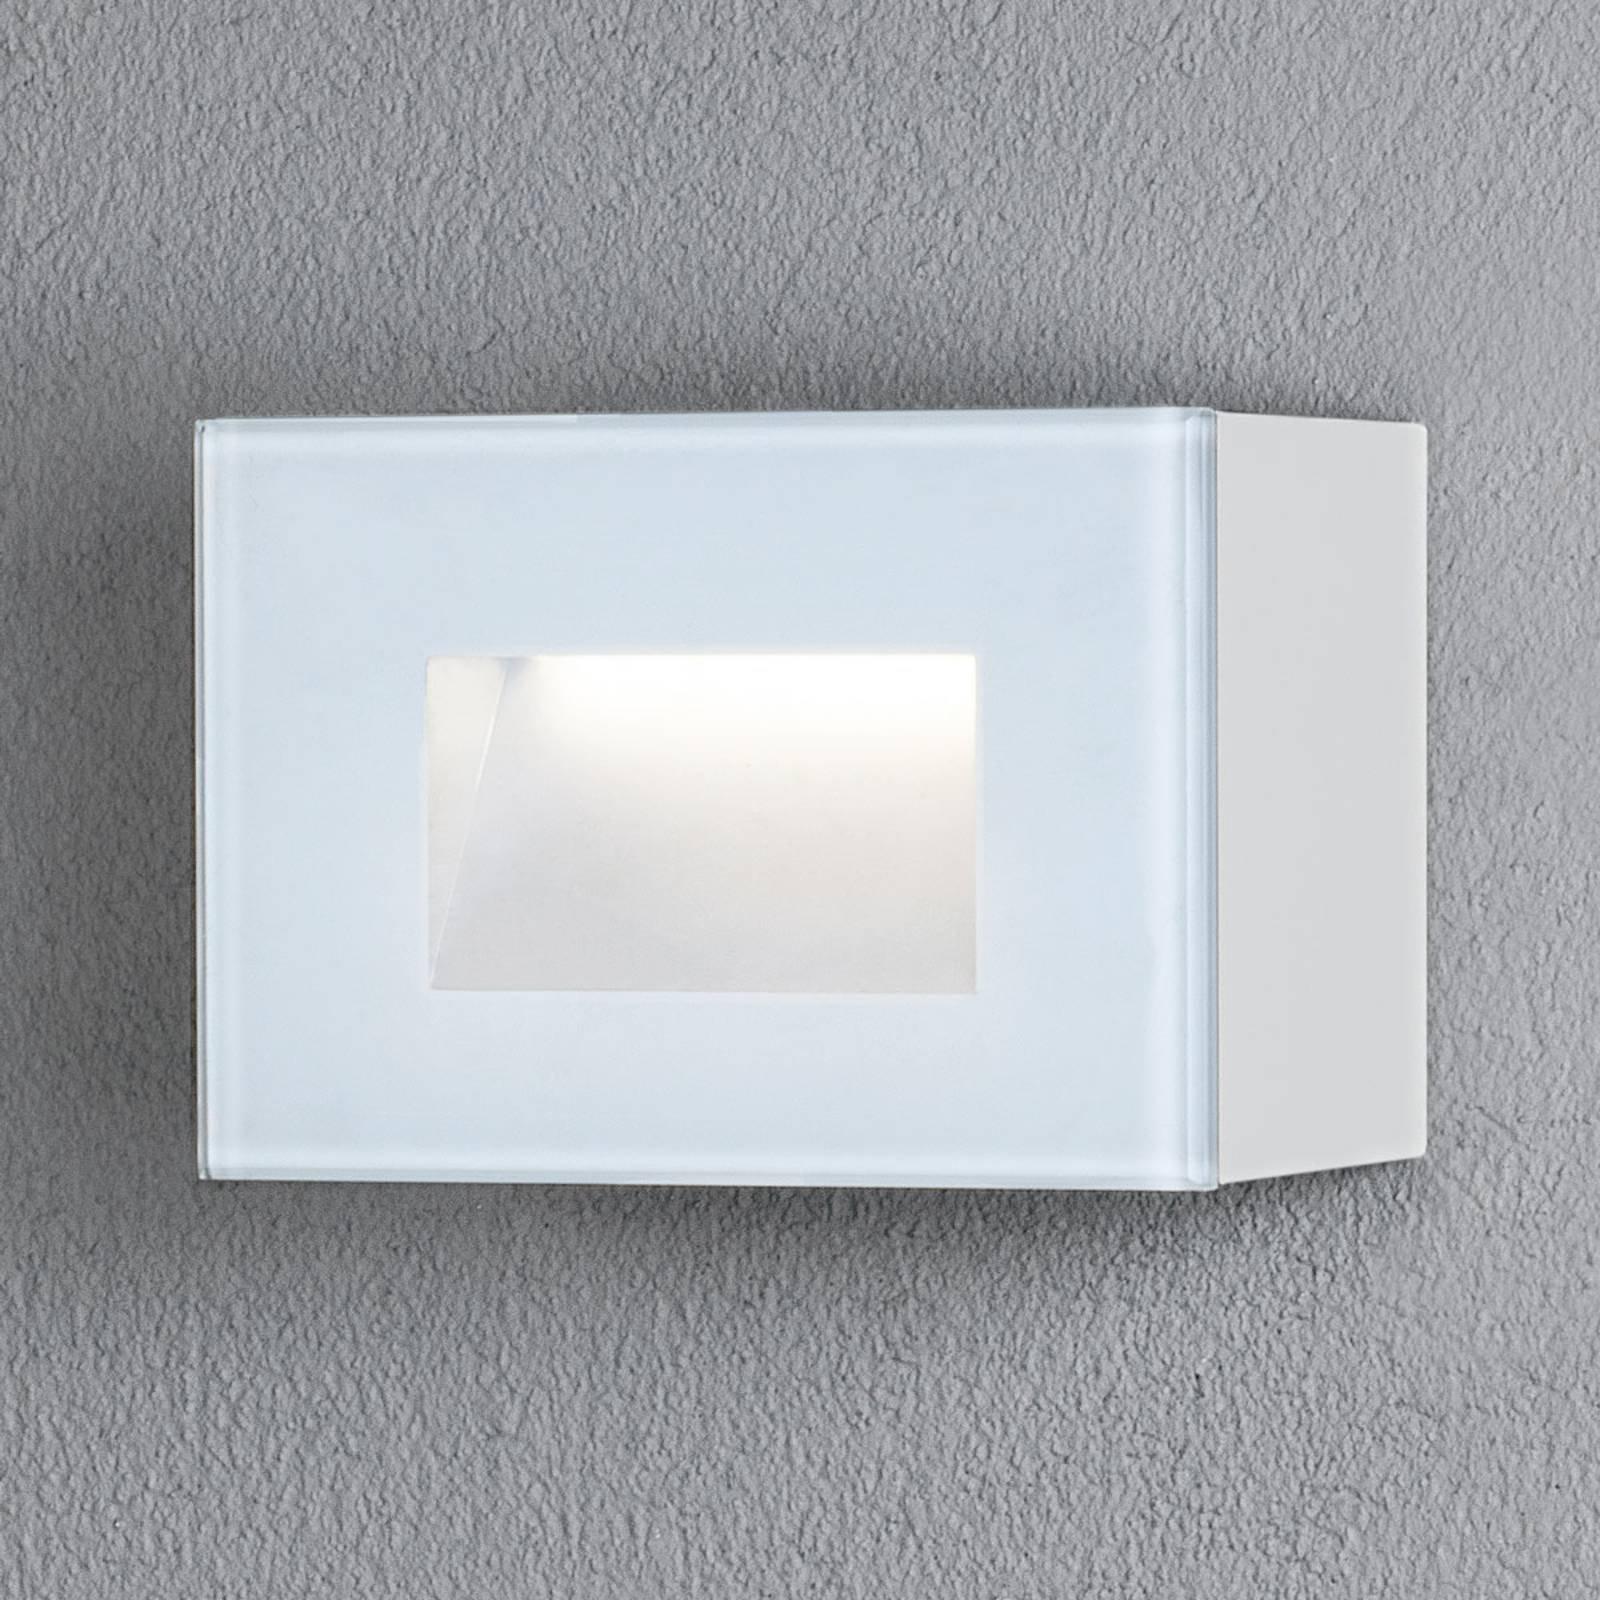 Chieri utendørs LED-vegglampe, 12 x 8 cm, hvit